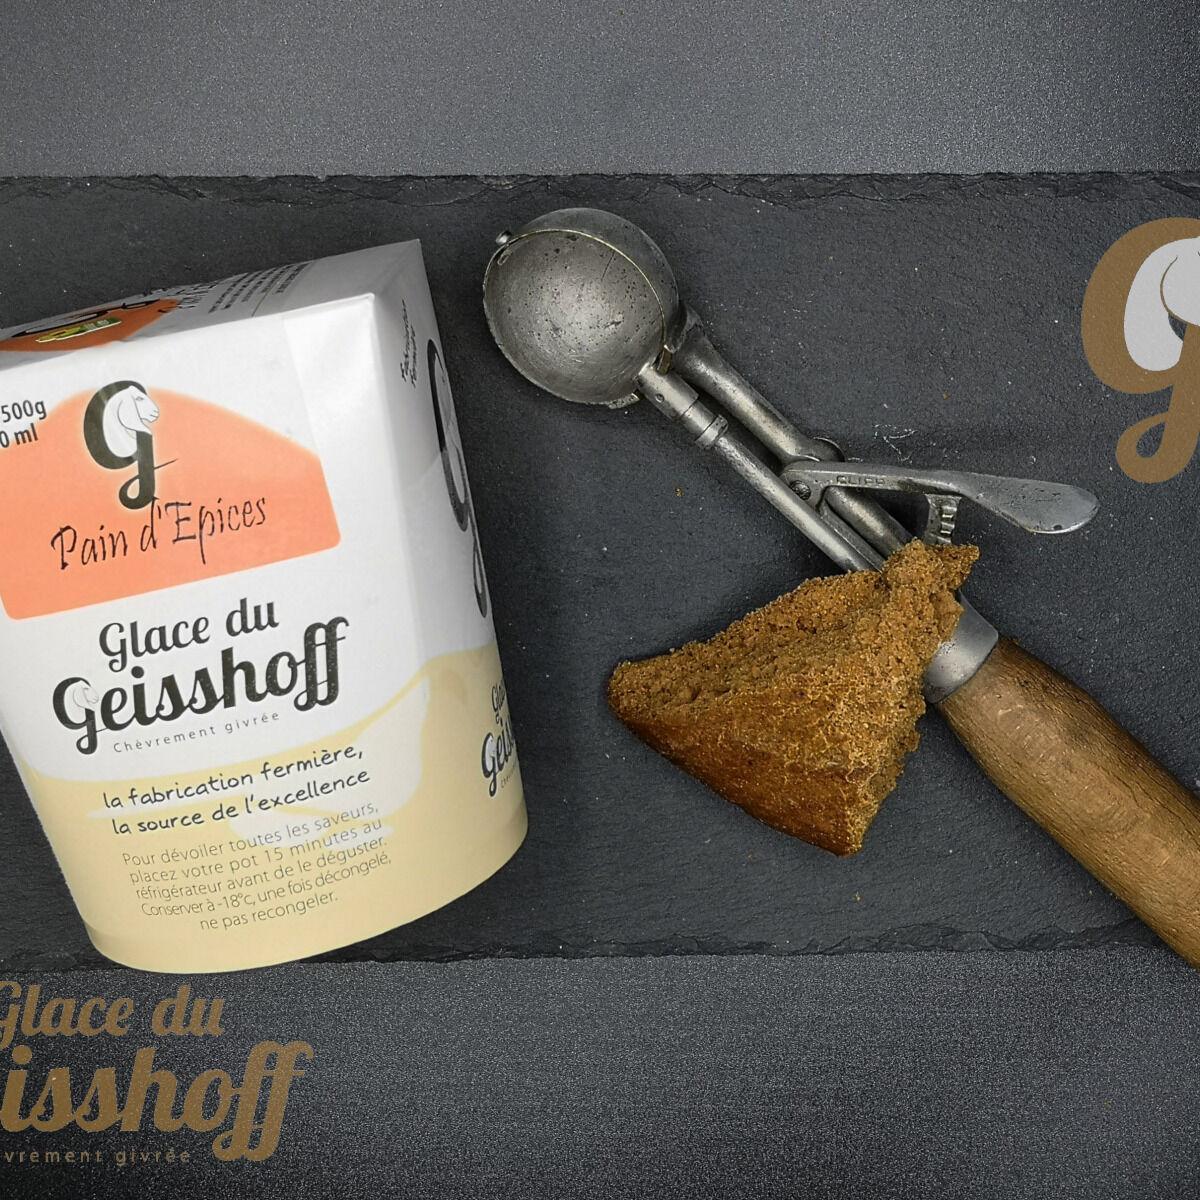 Glace du Geisshoff Pain d'Epices Crème Glacée Fermière au Lait de Chèvre 750 Ml